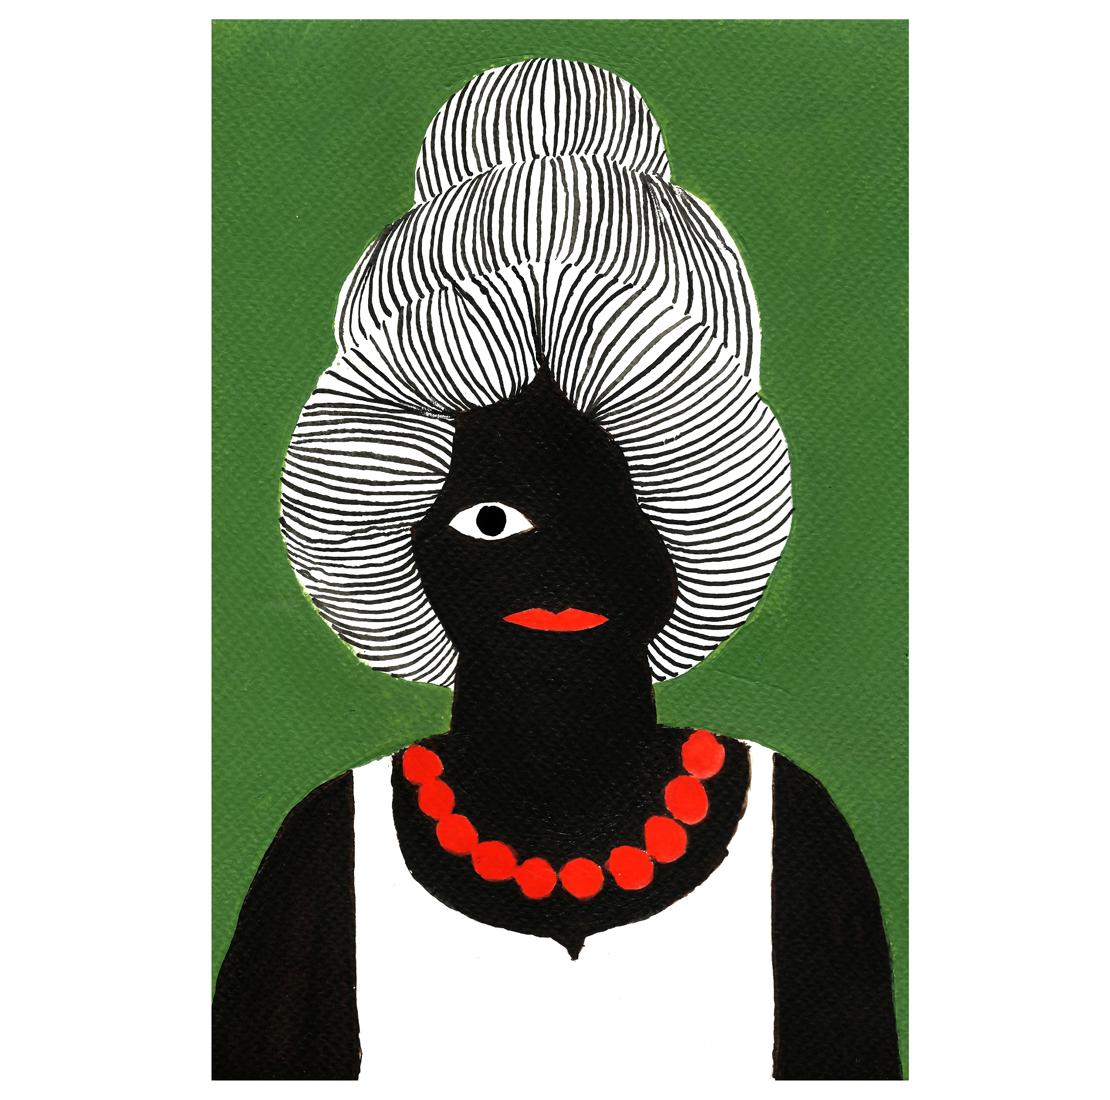 Femme Noir Collier Rouge, 2017, Tinte, Acryl auf Papier, 15,4 x 23,5 cm